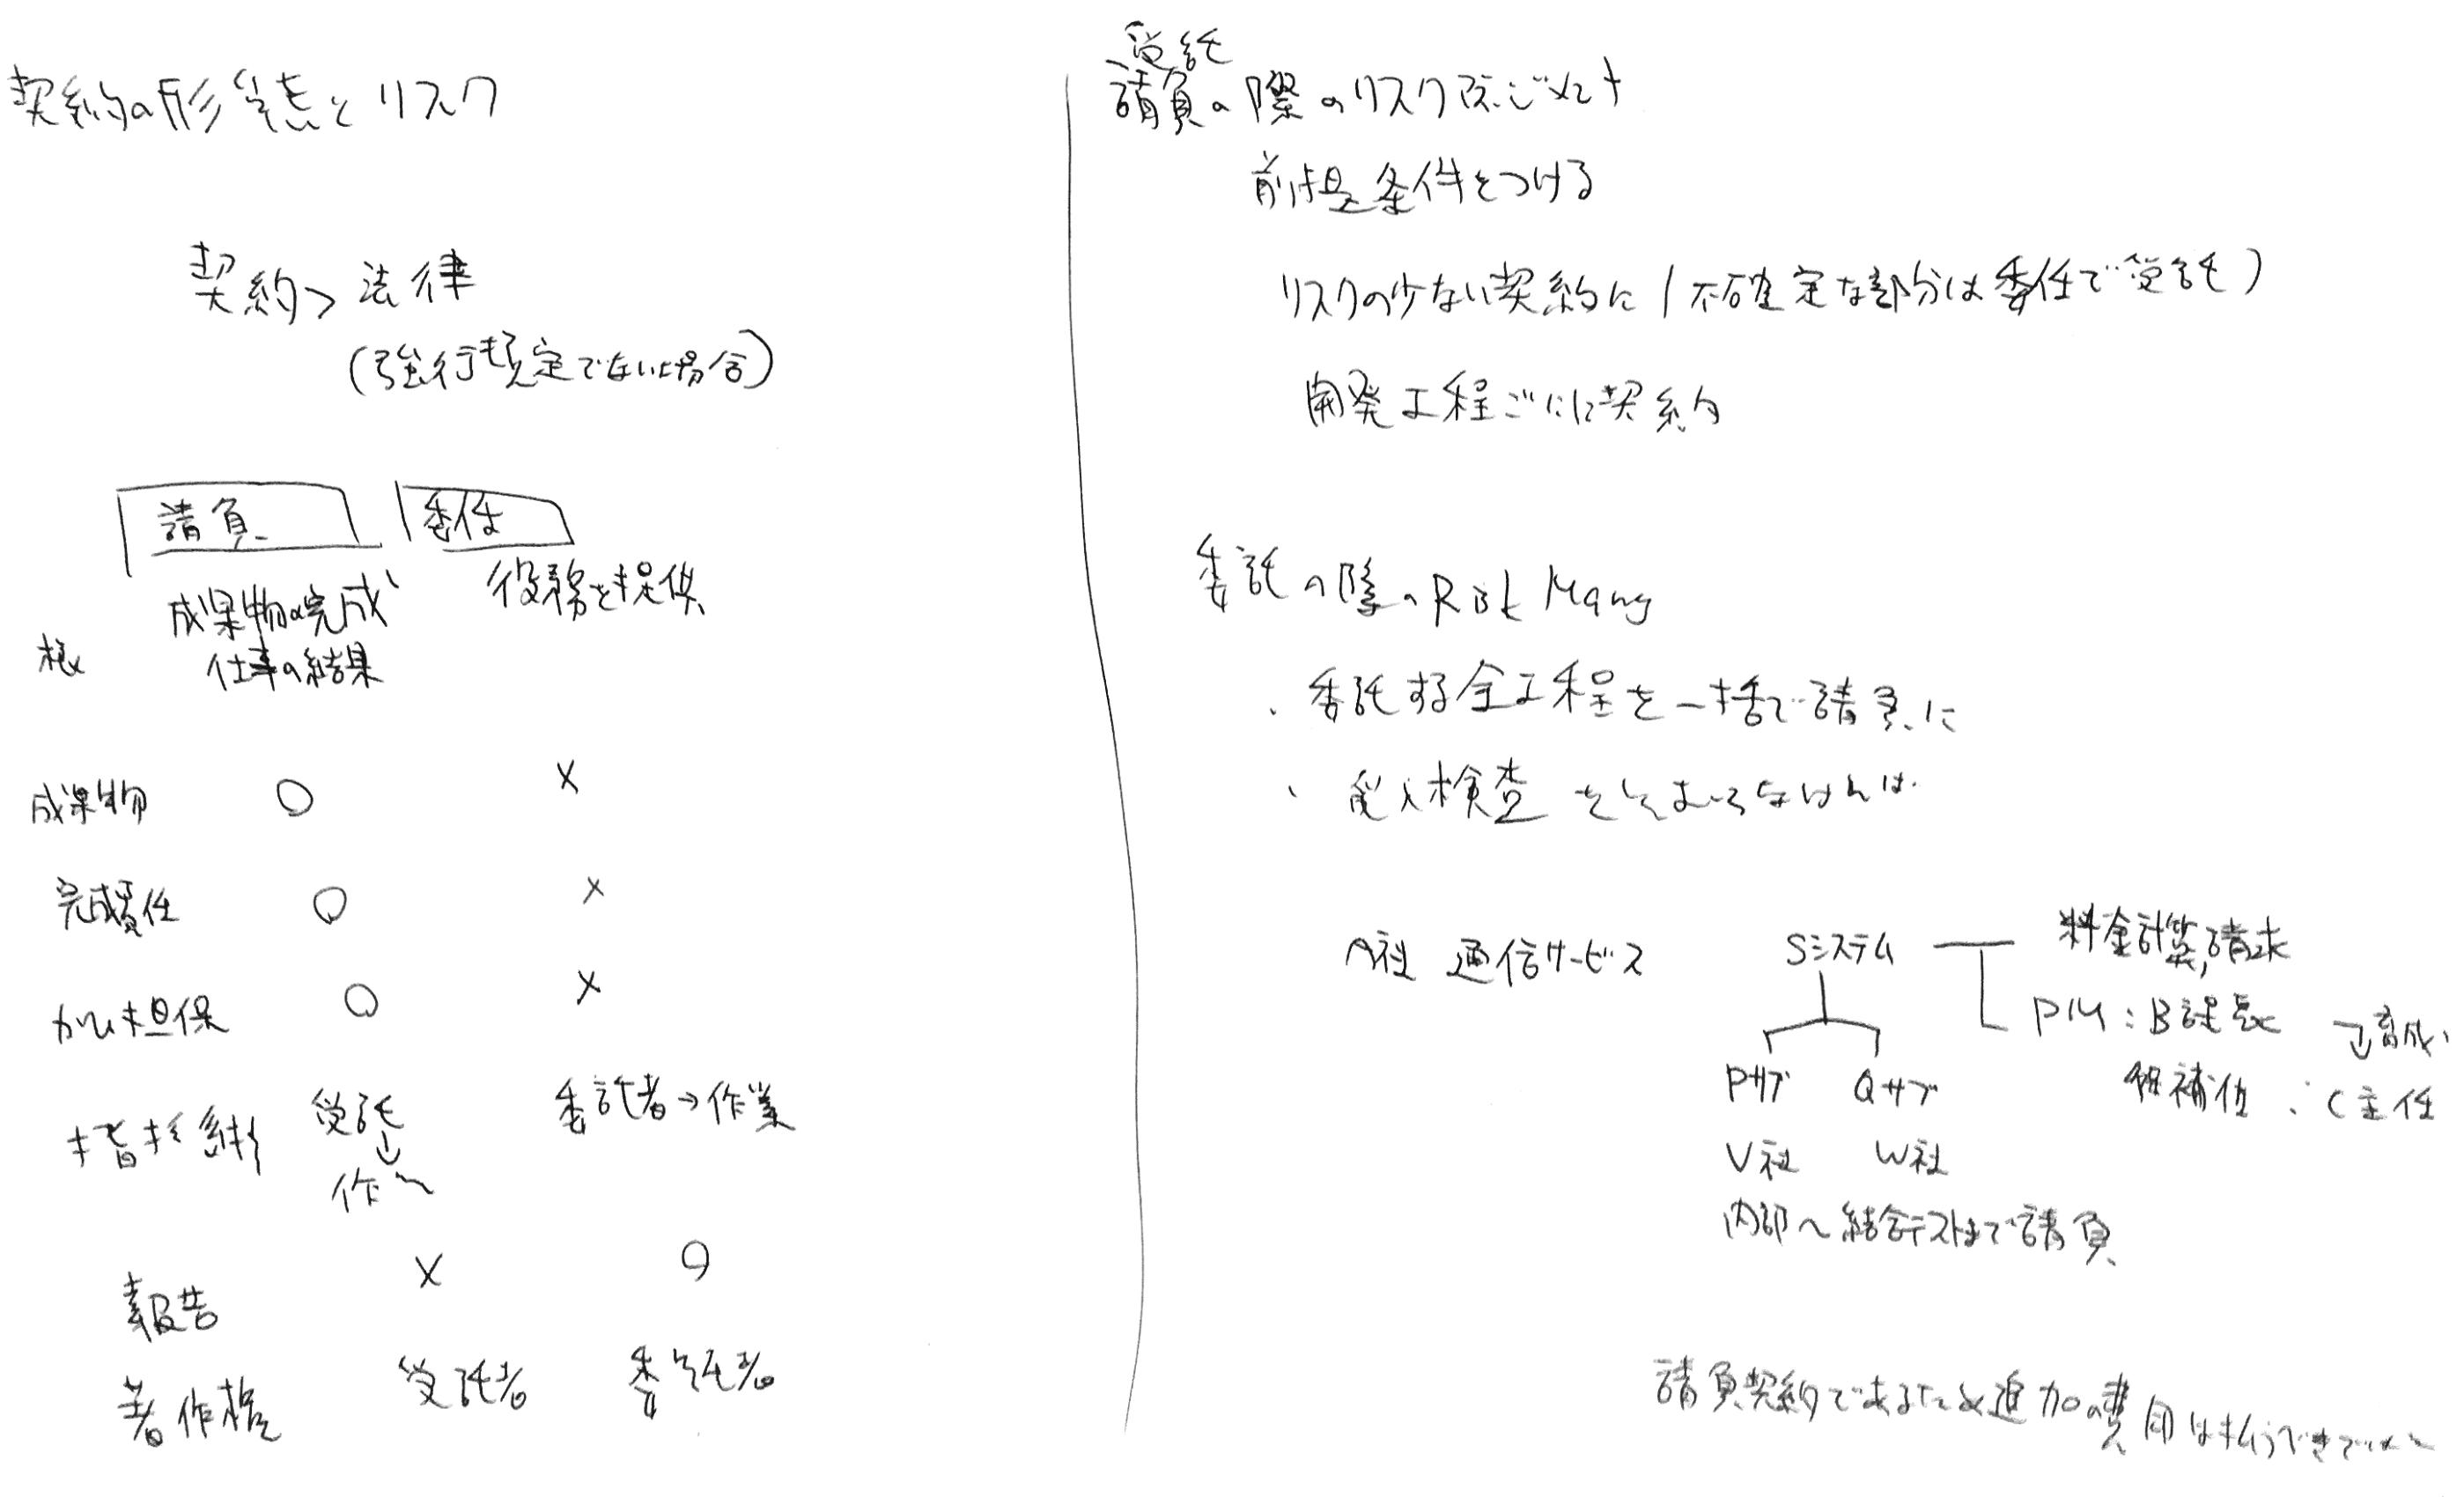 プロジェクトマネージャ試験_筆記-3.png